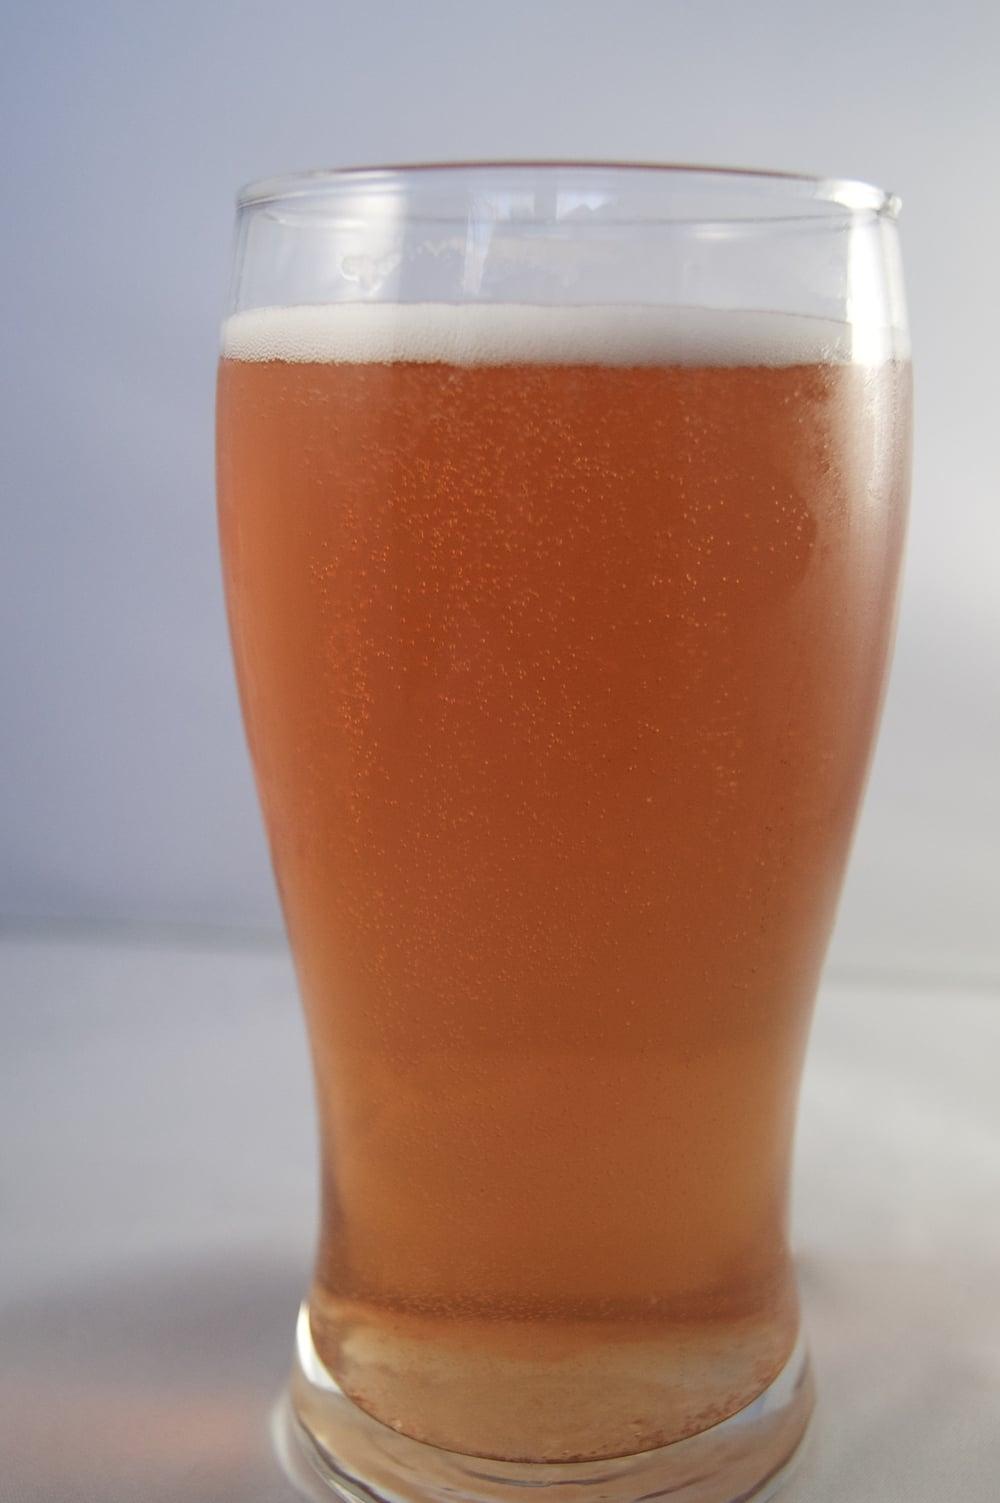 Cranberry Orange Cider, Home Brewing, Craft Cider